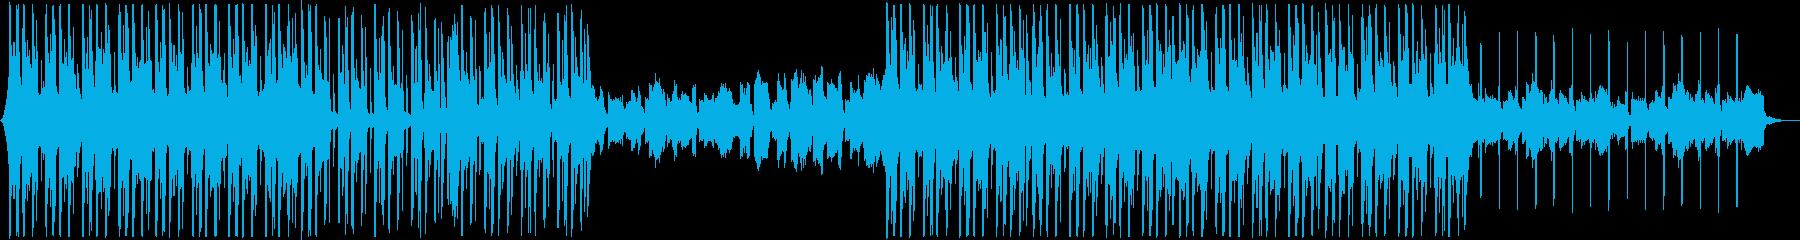 幻想的なR&B、オシャレ系chillBGの再生済みの波形